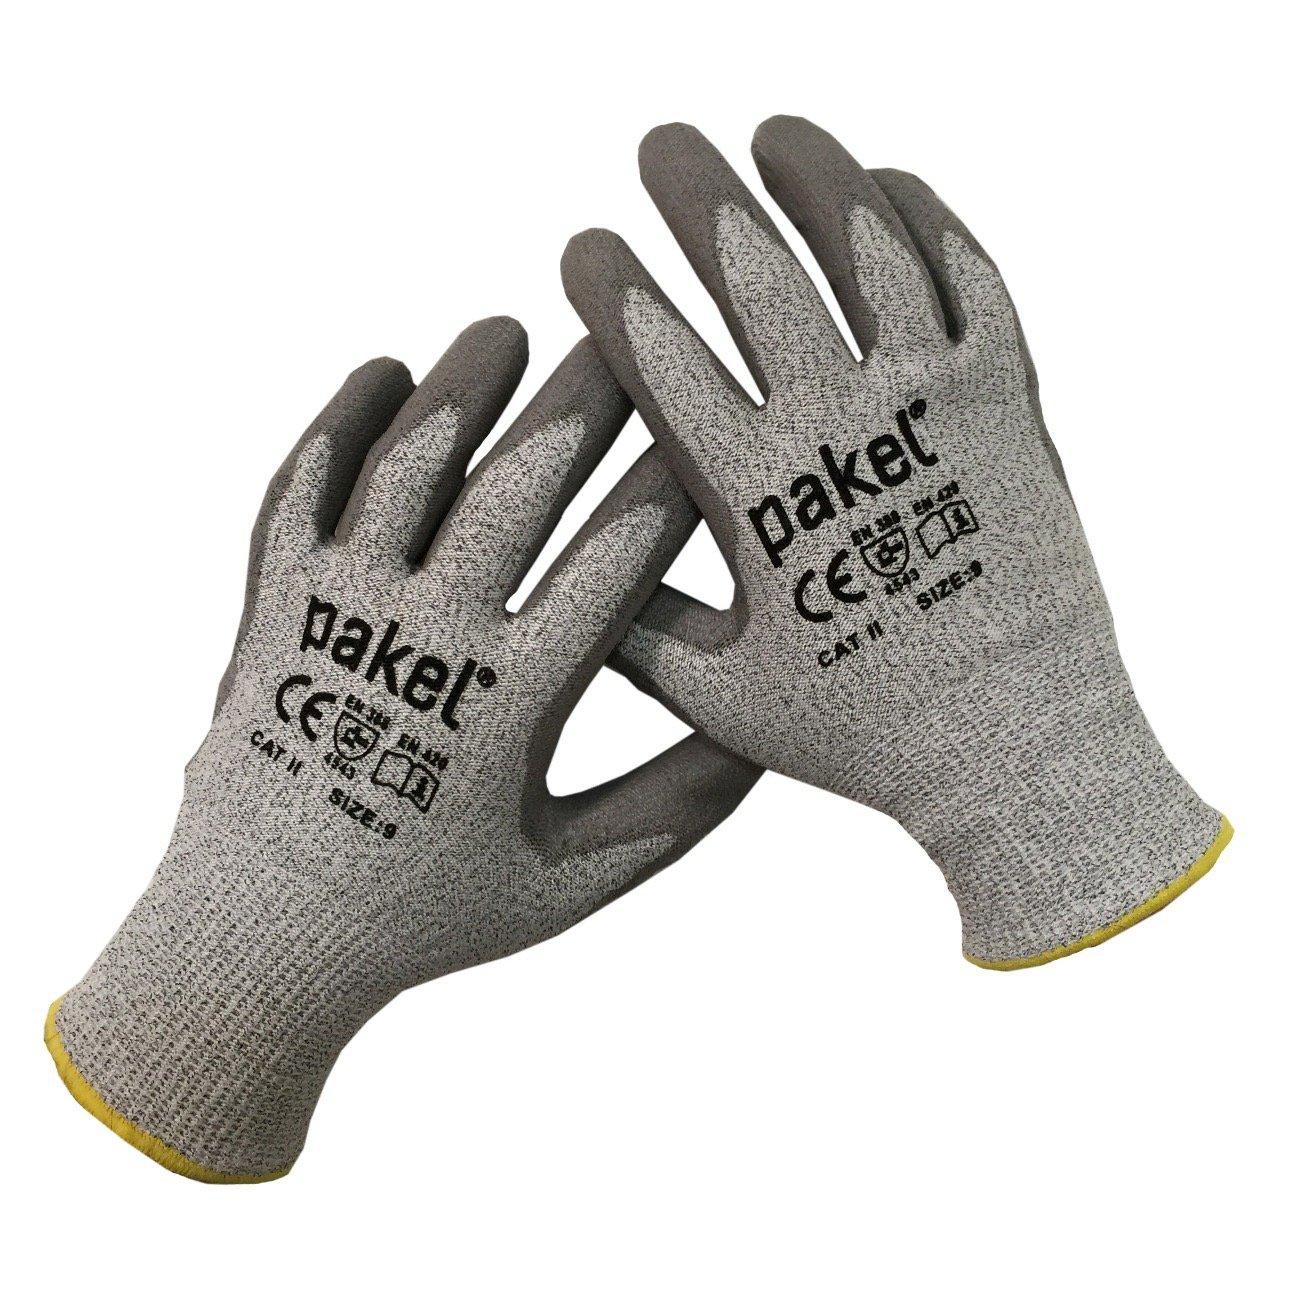 Pakel Cut Resistant Gloves